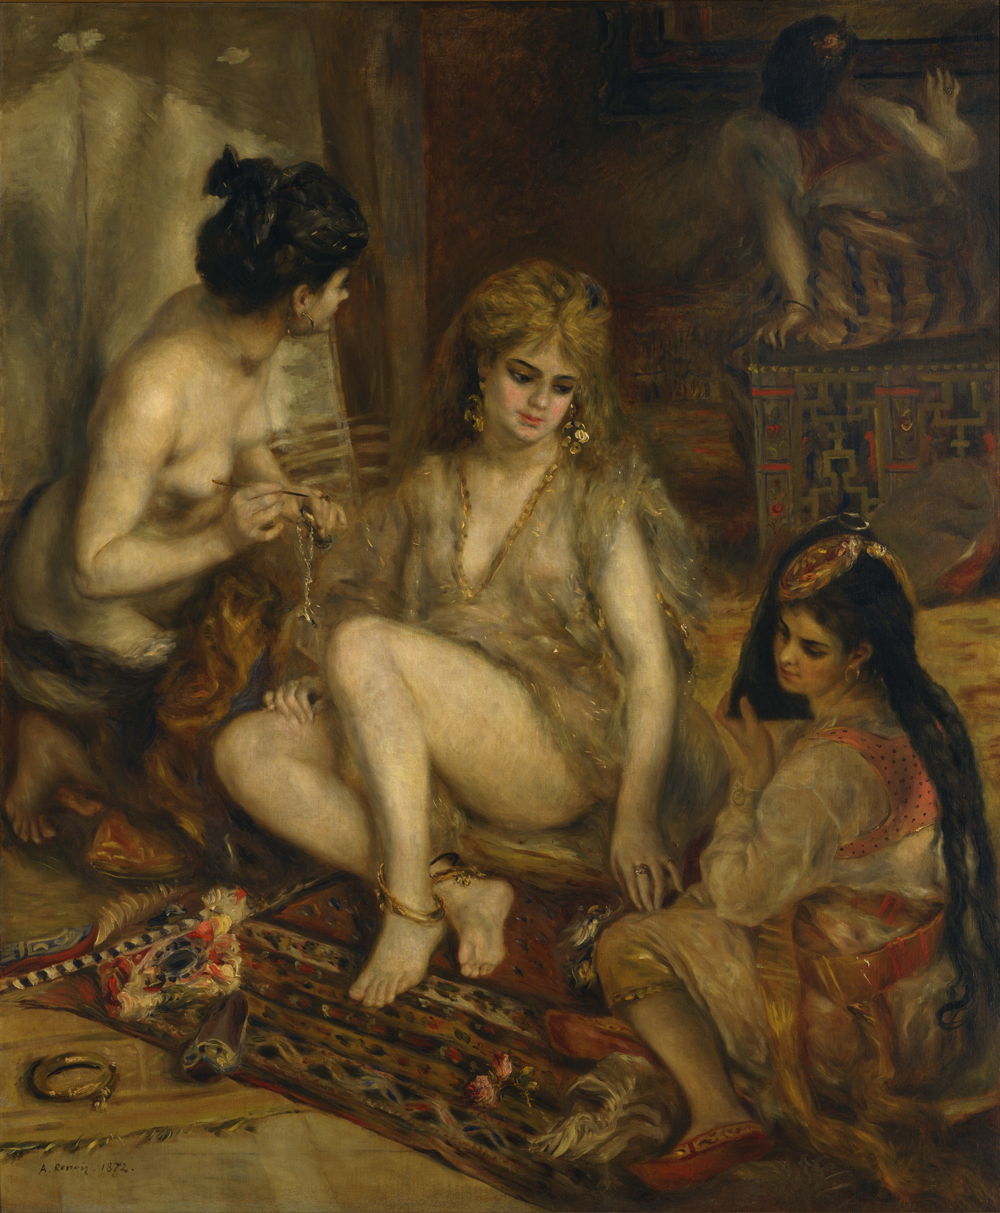 ピエール=オーギュスト・ルノワール《アルジェリア風のパリの女たち(ハーレム)》 1872年  油彩、カンヴァス 国立西洋美術館(松方コレクション)